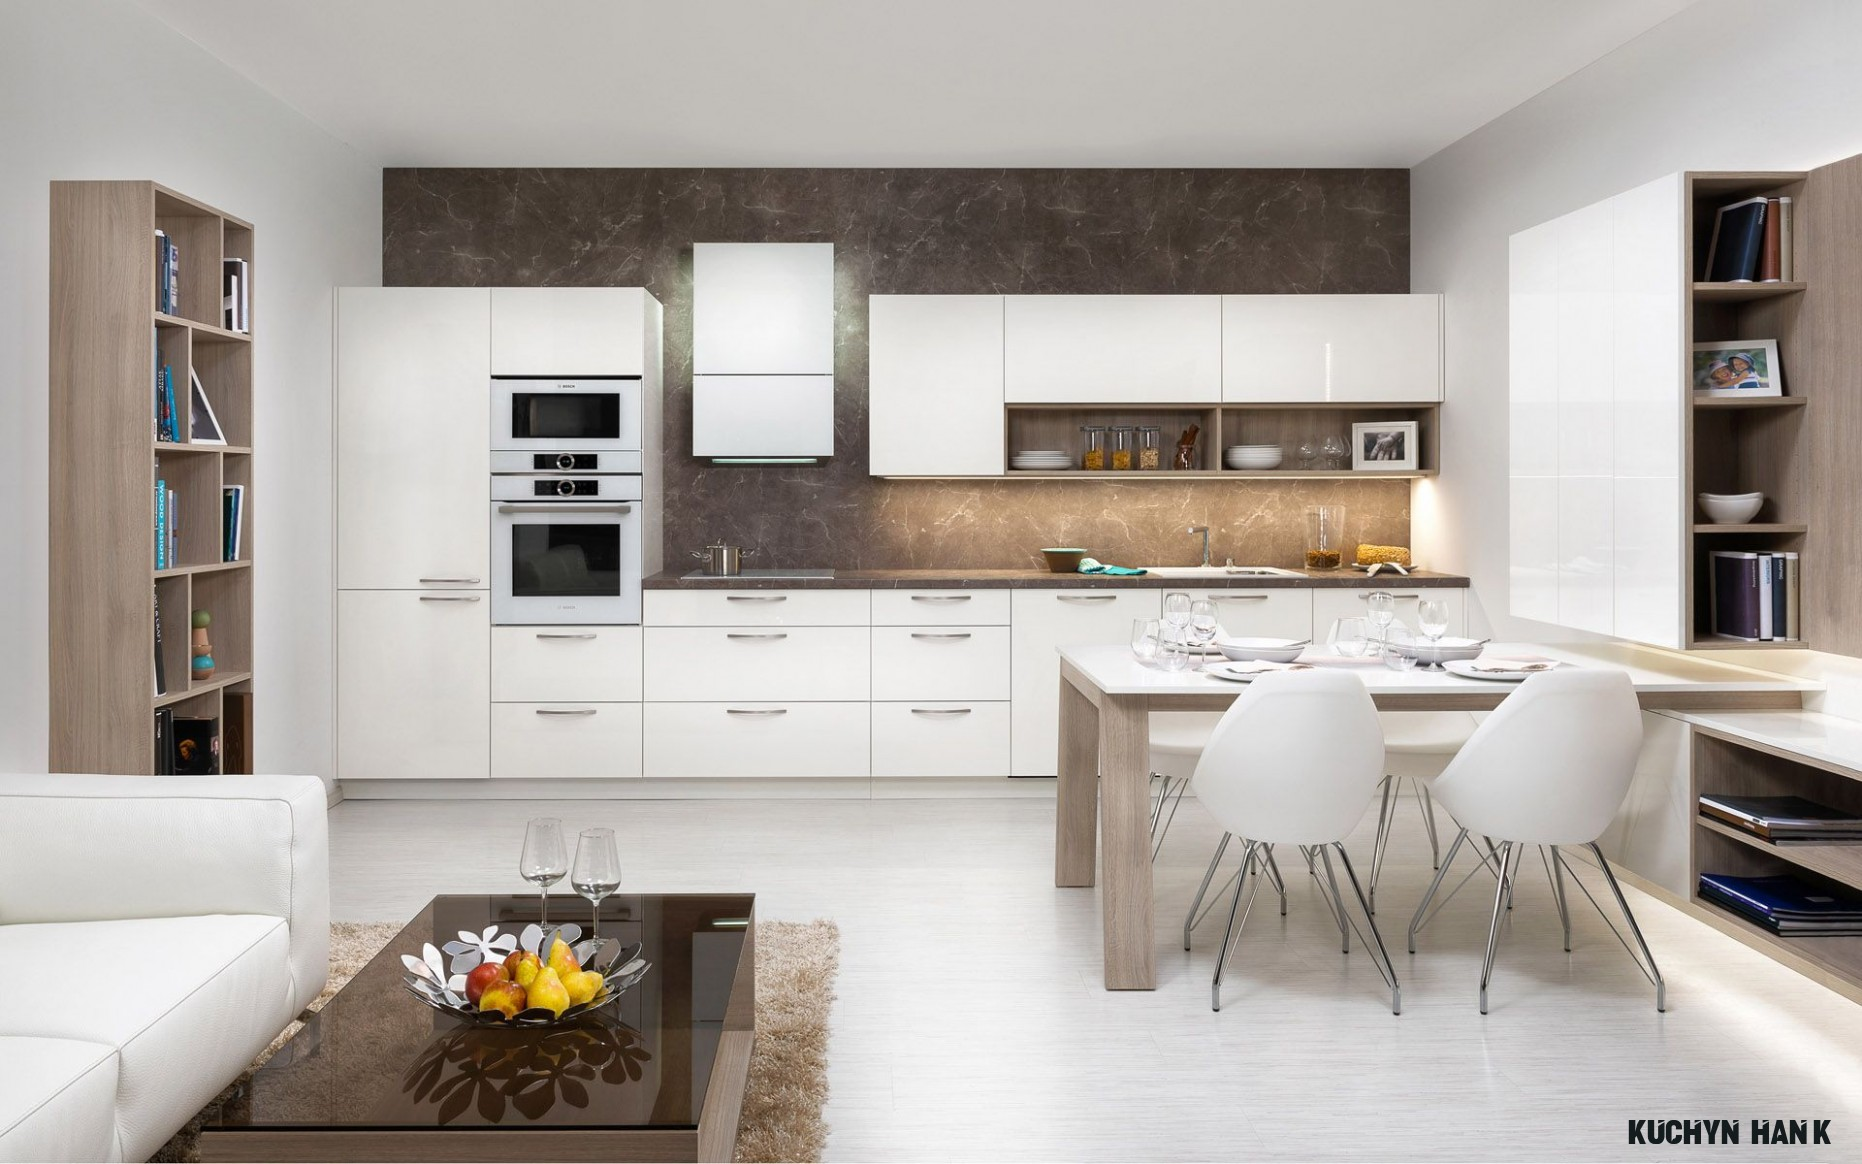 Pin by HANÁK Olomouc on Kuchyně - nápady  Interior design kitchen